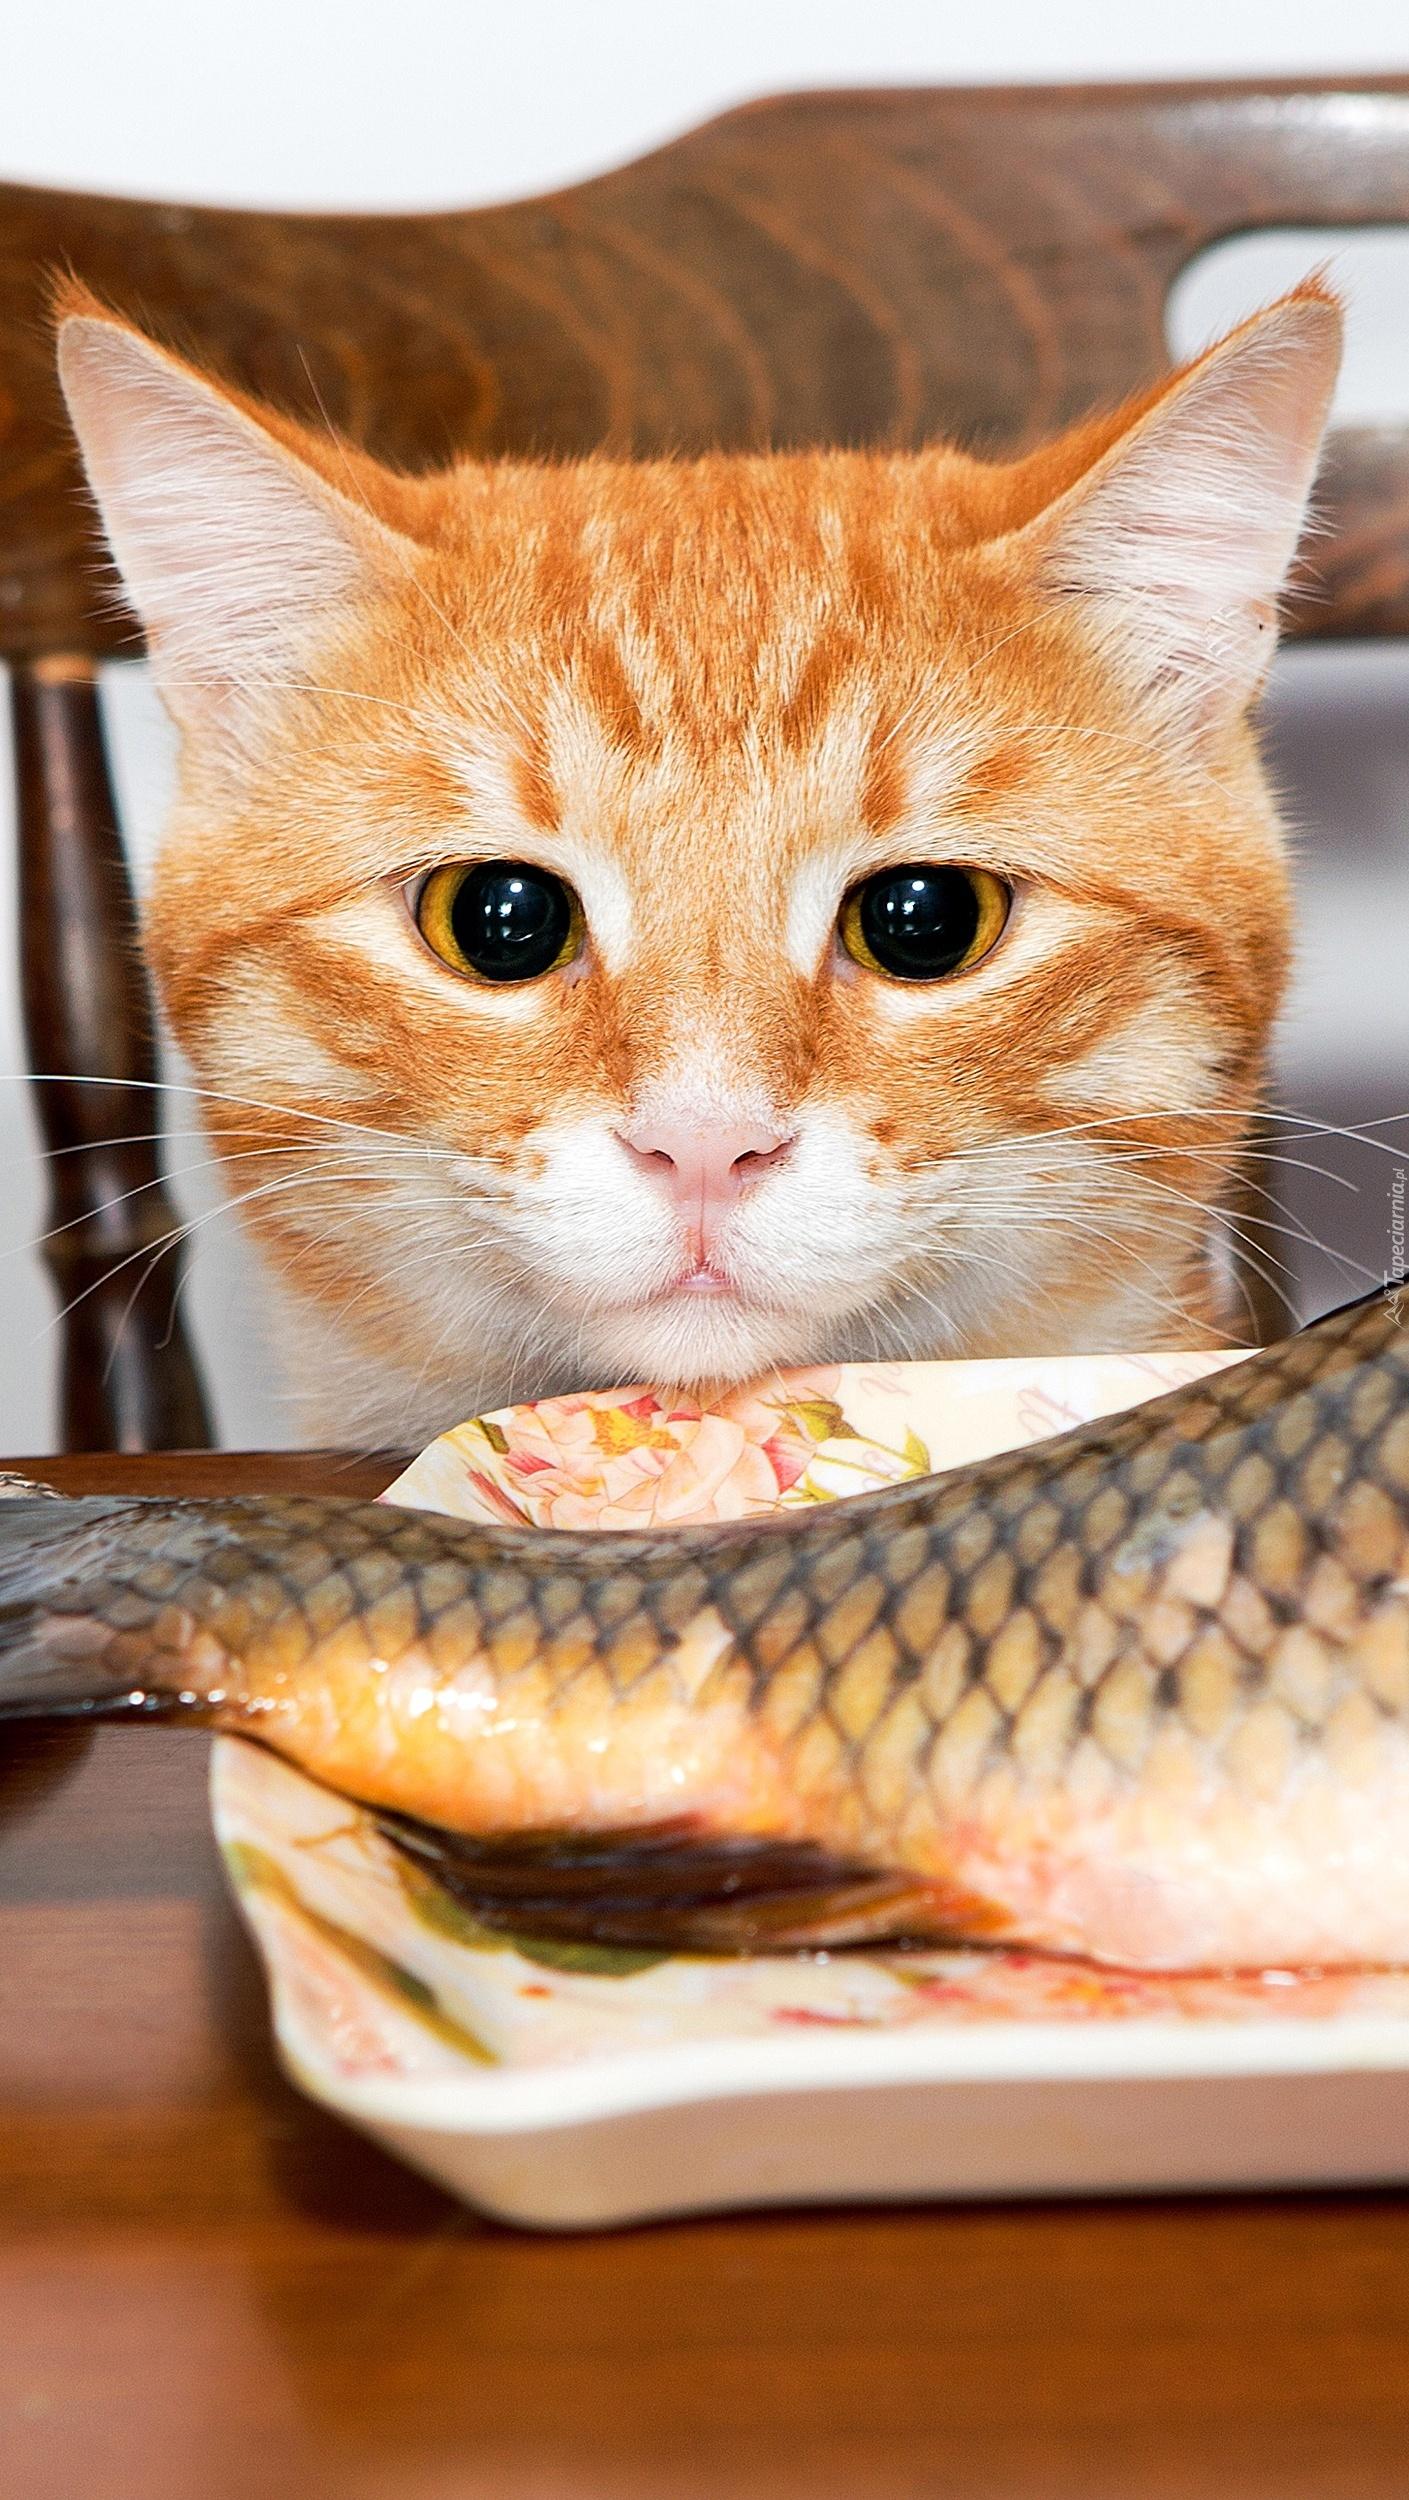 Kot patrzący na rybę